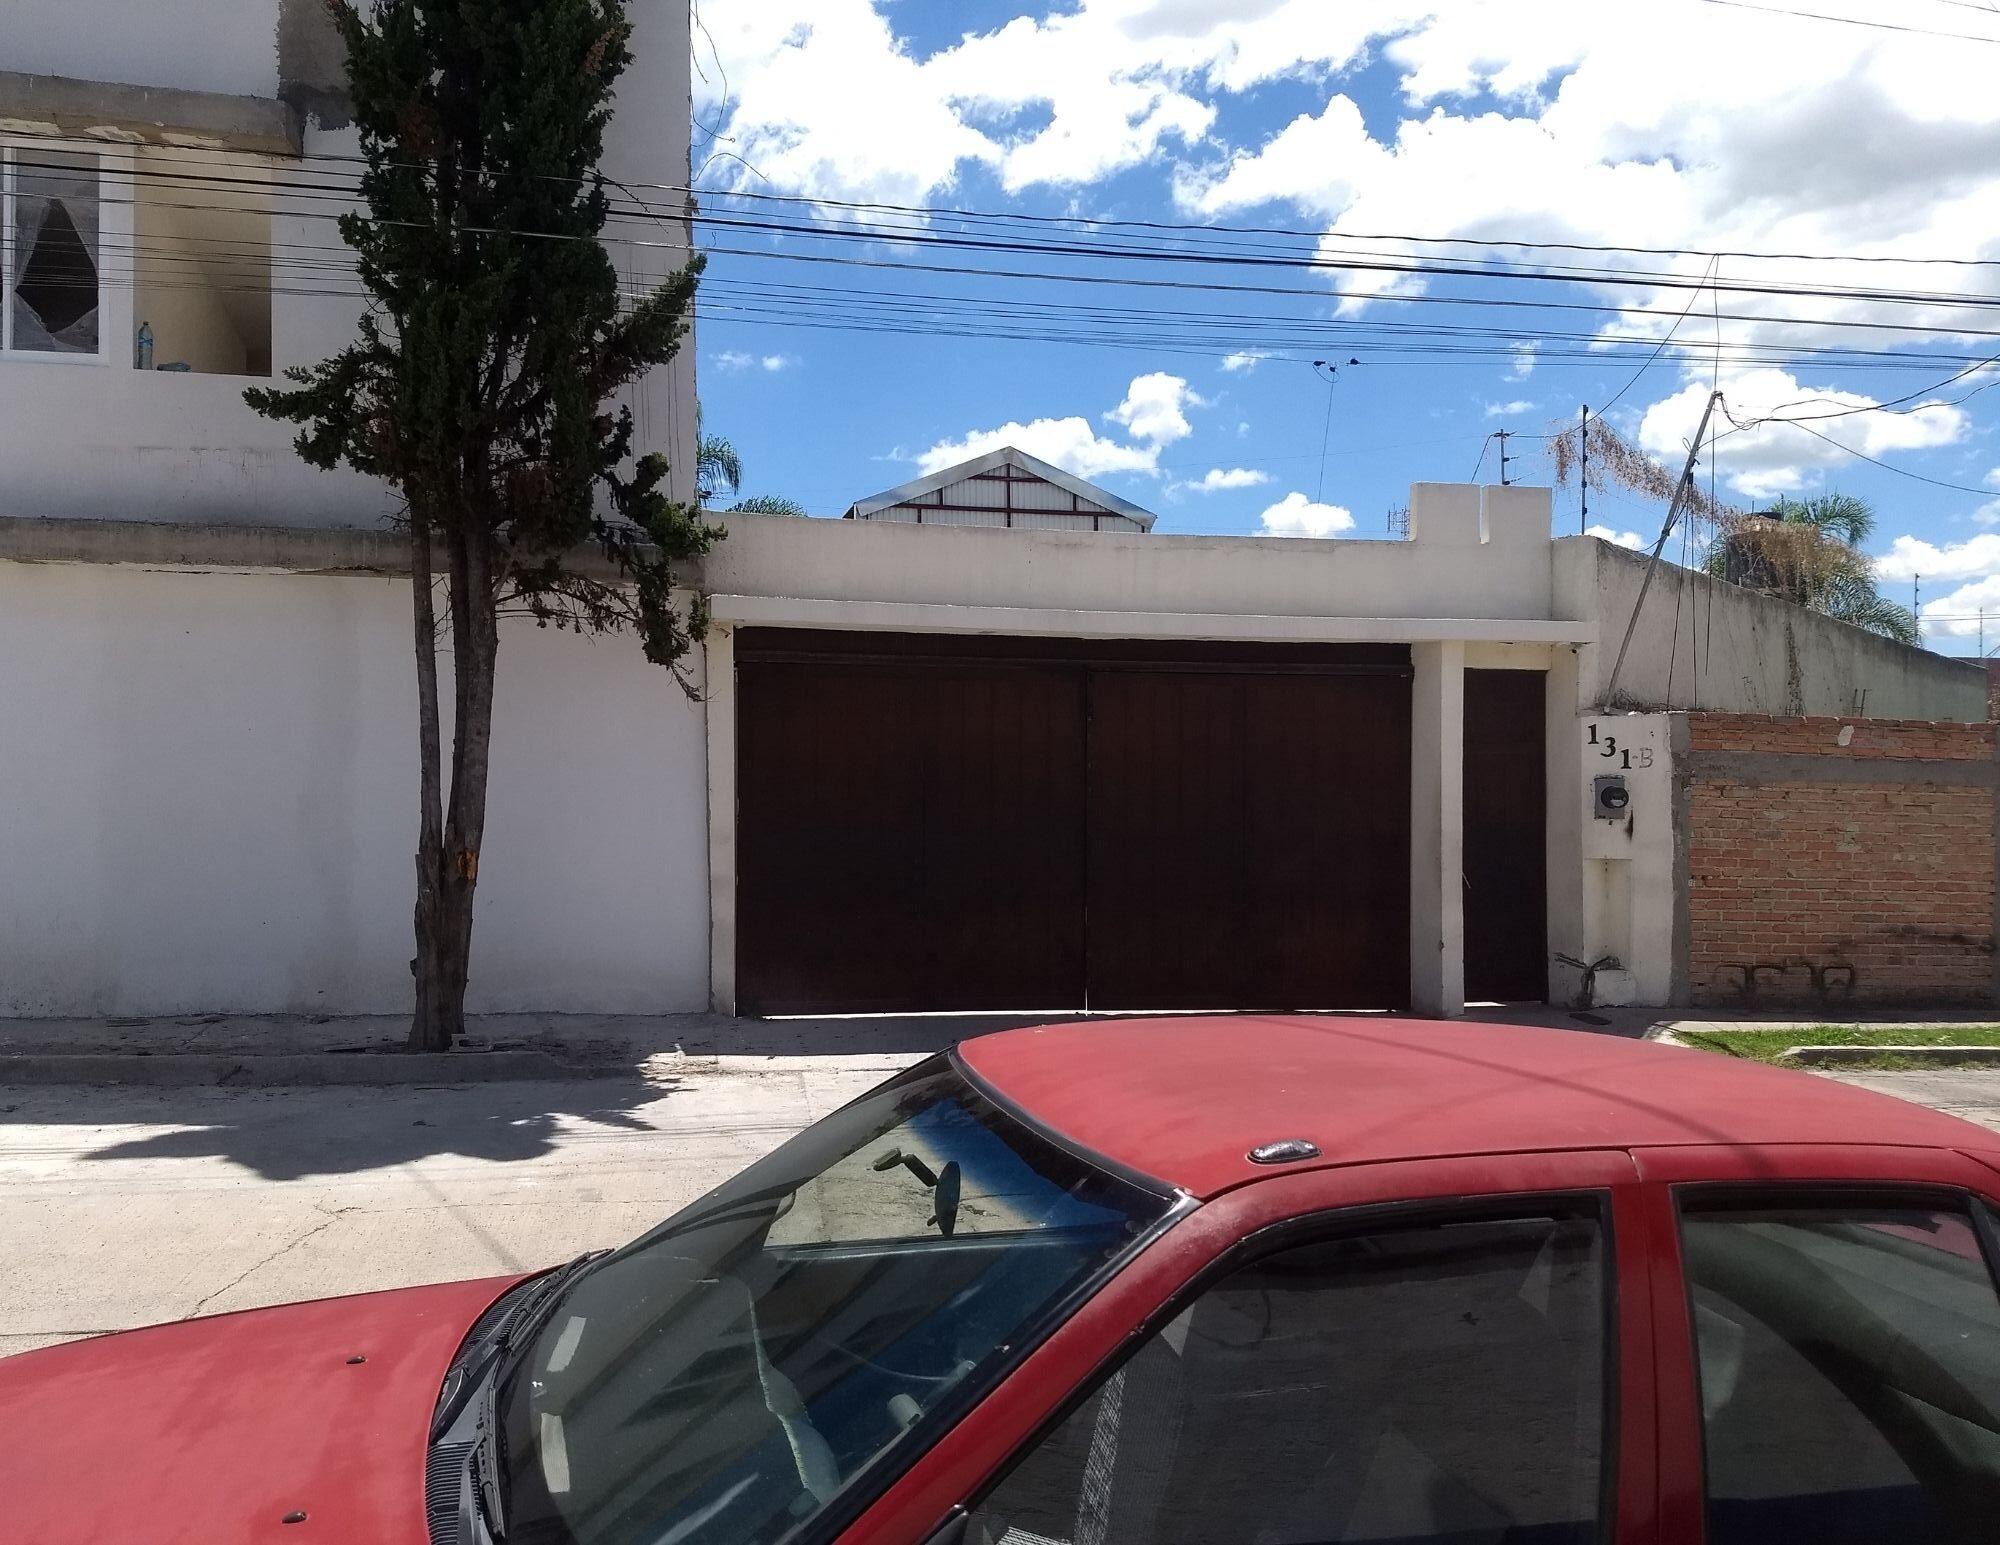 01659 SE VENDE CASA EN ADJUDICACION EN FRACCIONAMEINTO EL DORADO, NO SE ACEPTAN CRÉDITOS,EXCLUSIVO CONTADO.